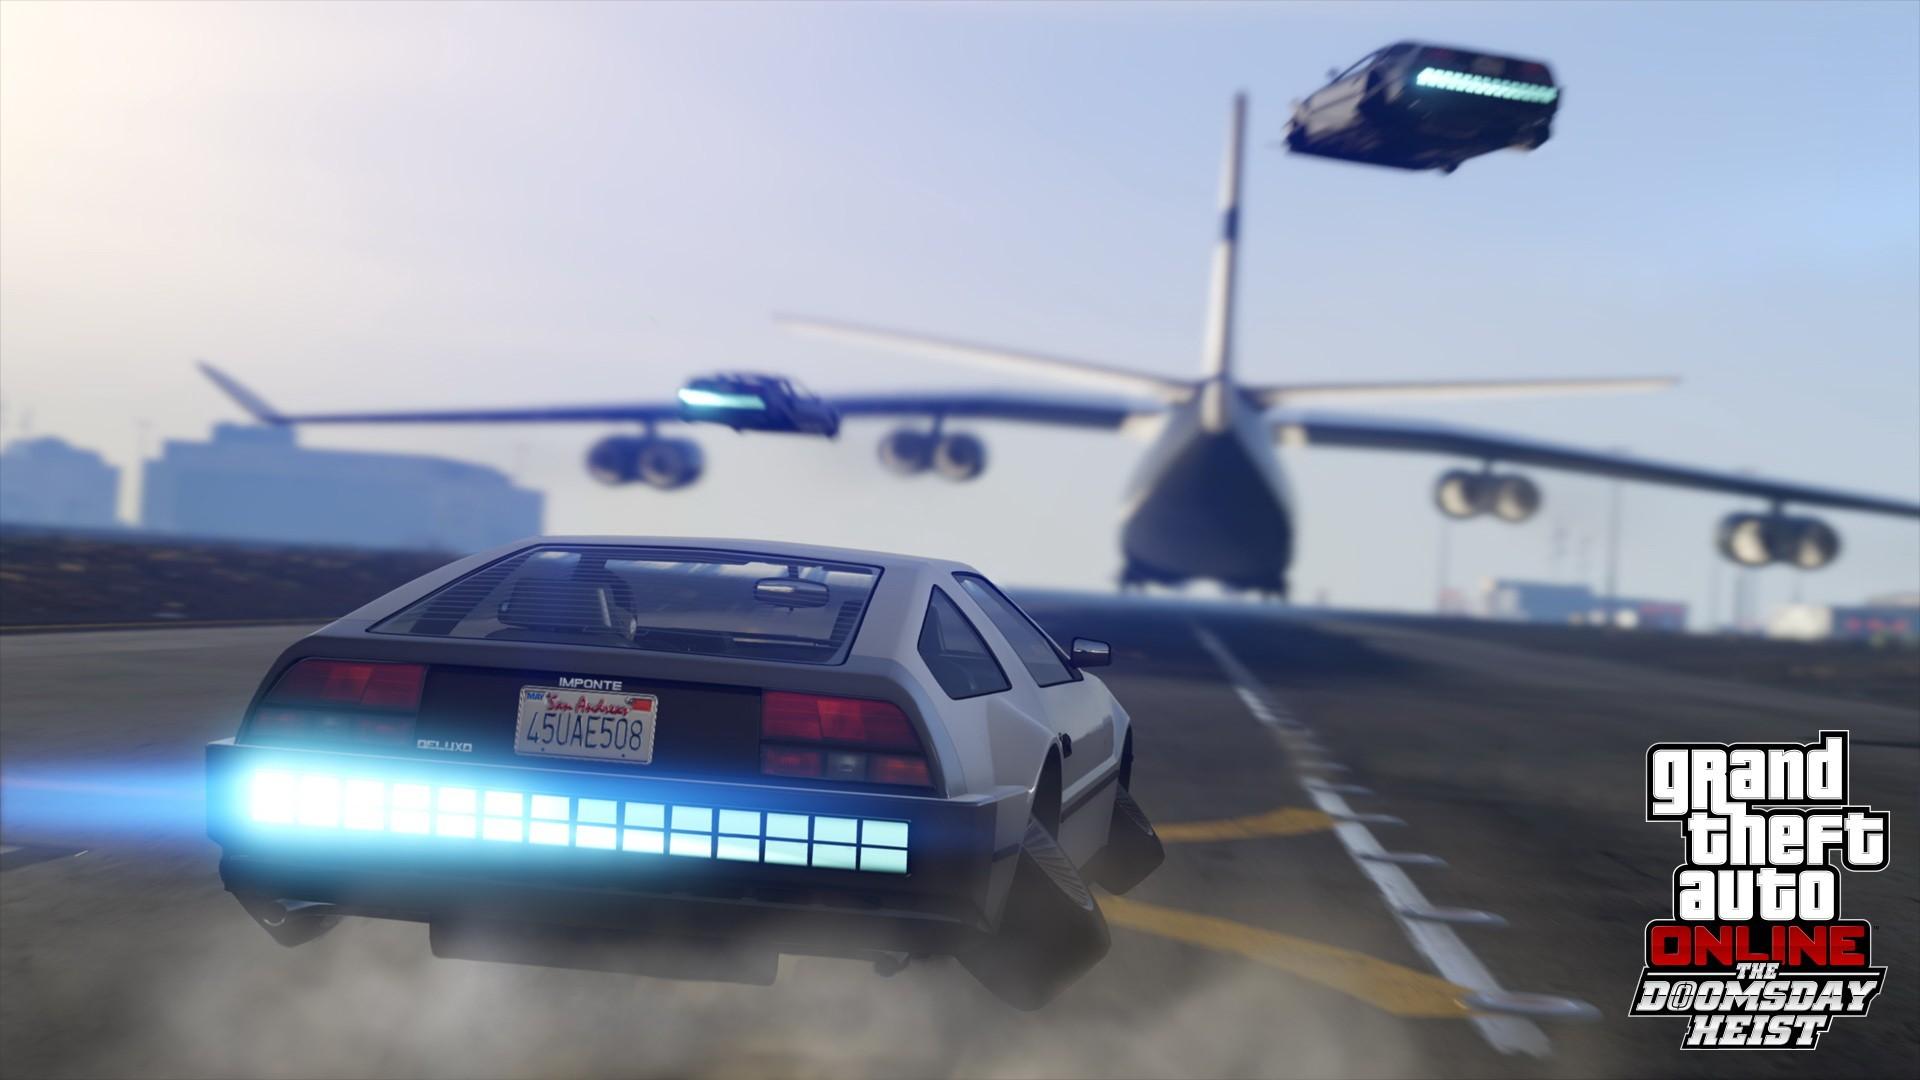 GTA5OL佩里科岛抢劫任务DLC最新版下载图片1